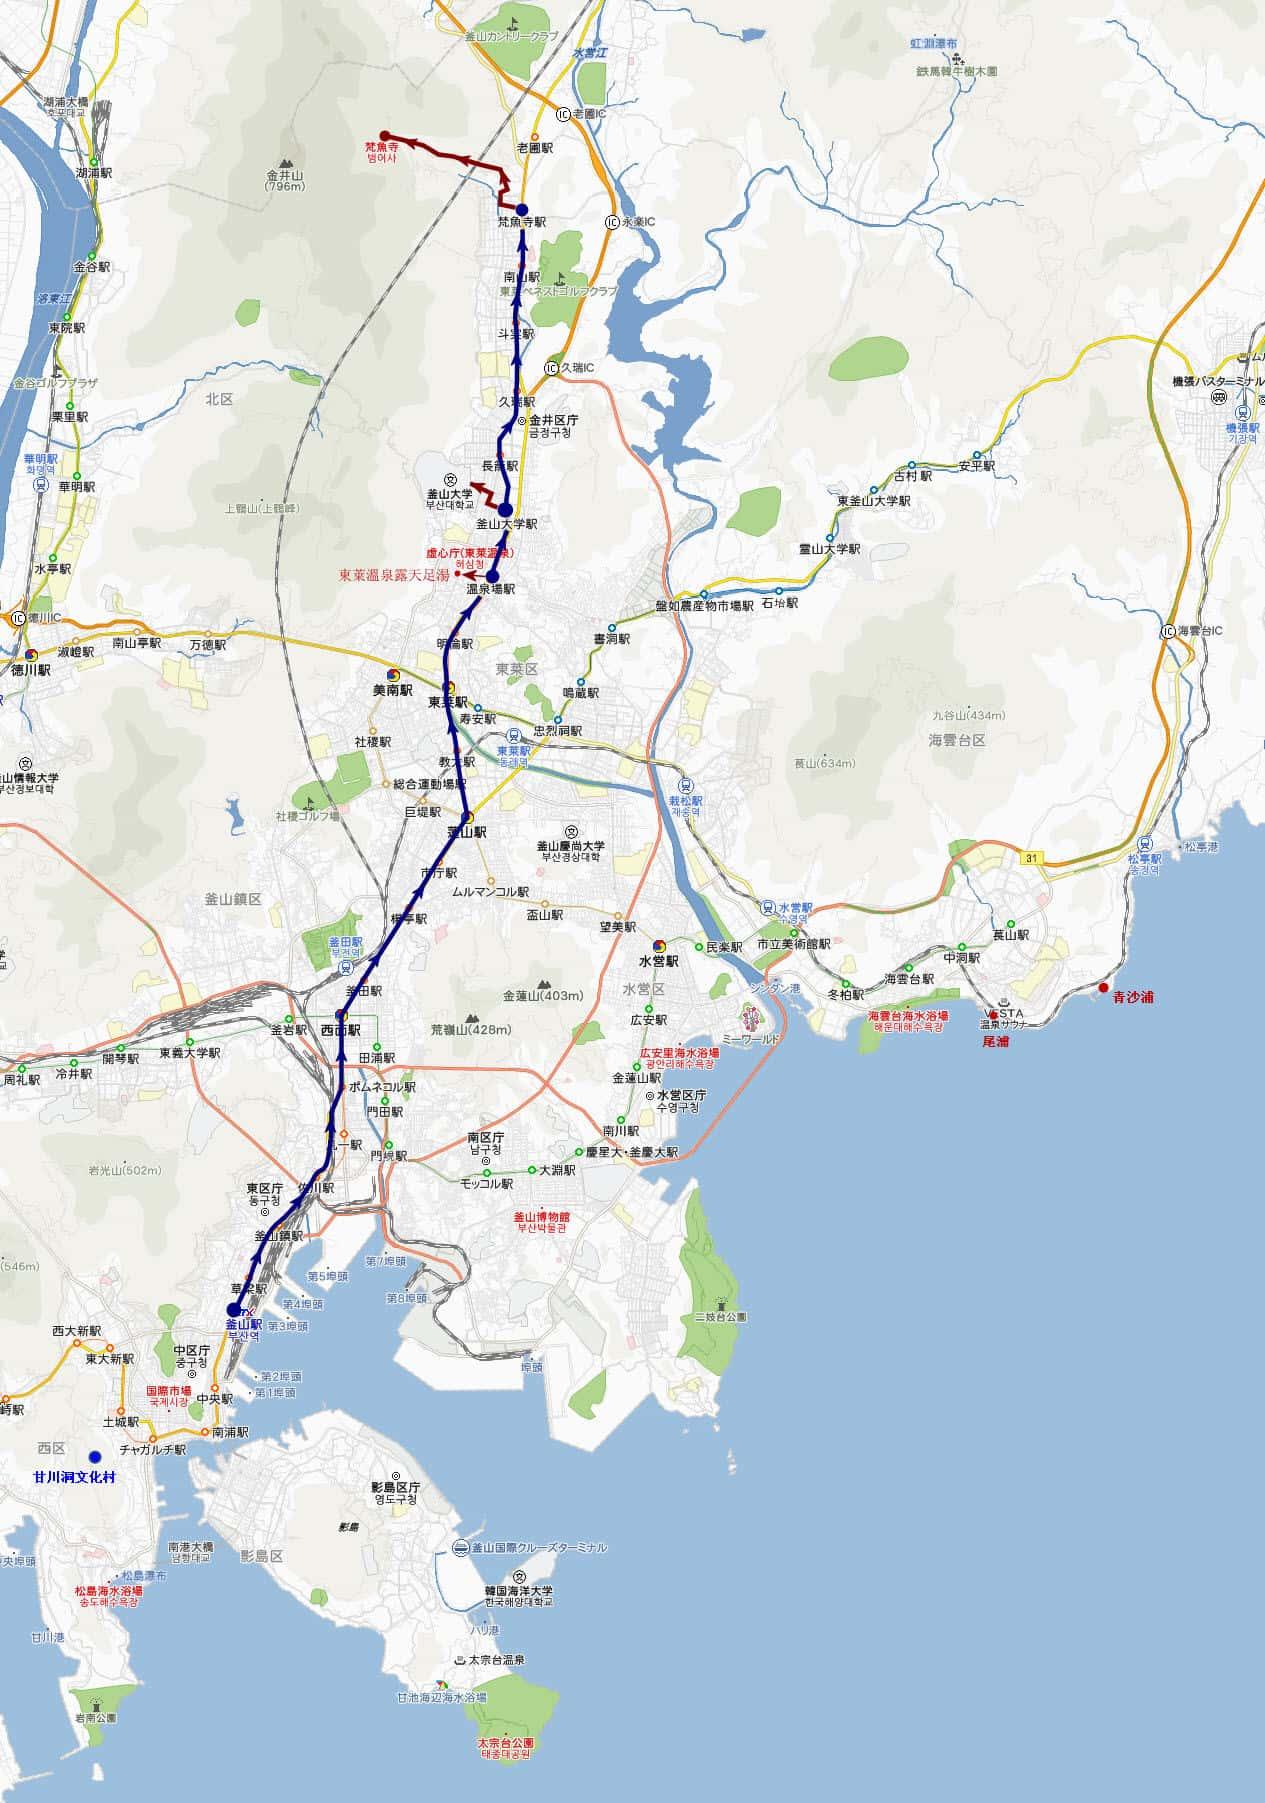 釜山梵魚寺、釜山大學、溫泉川、東萊溫泉露天足湯遊覽地圖